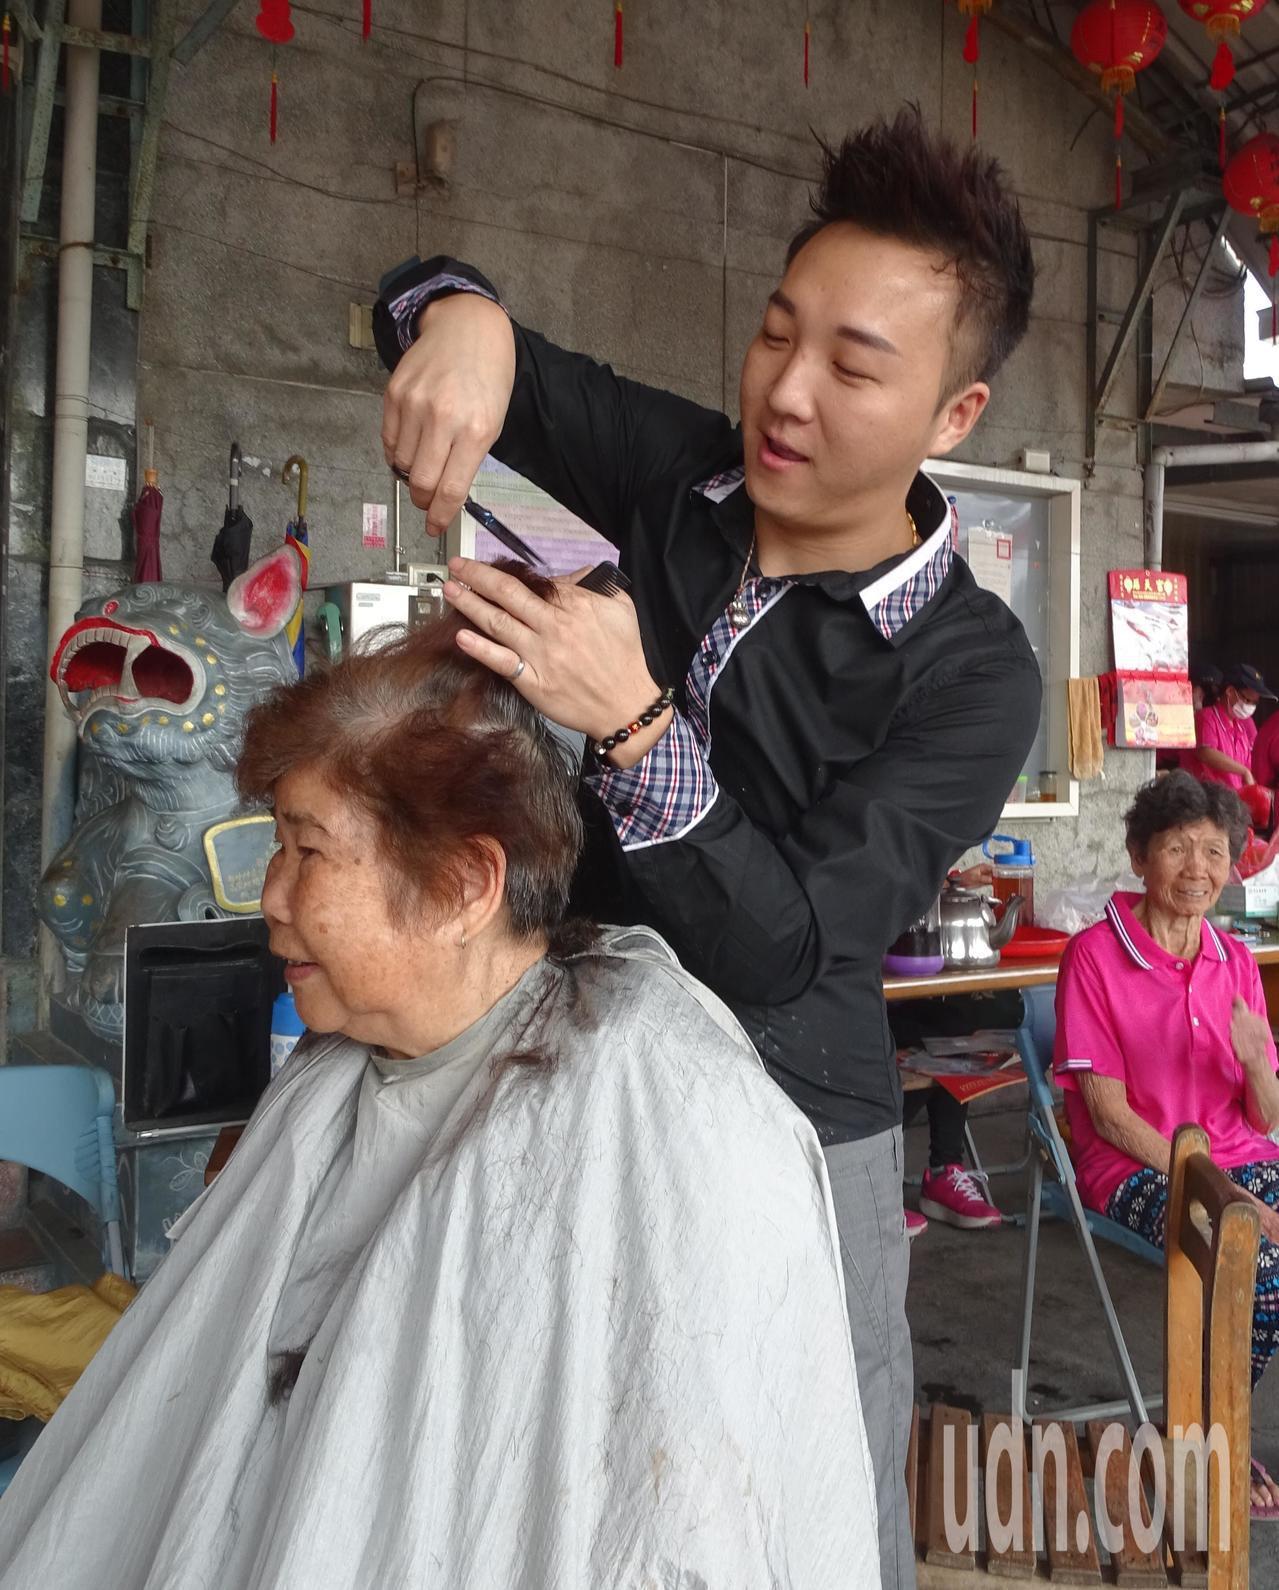 美髮設計師鄭棋鴻(右)為陪伴老父,毅然放棄台中市多彩多姿、收入高的工作,回到彰化...